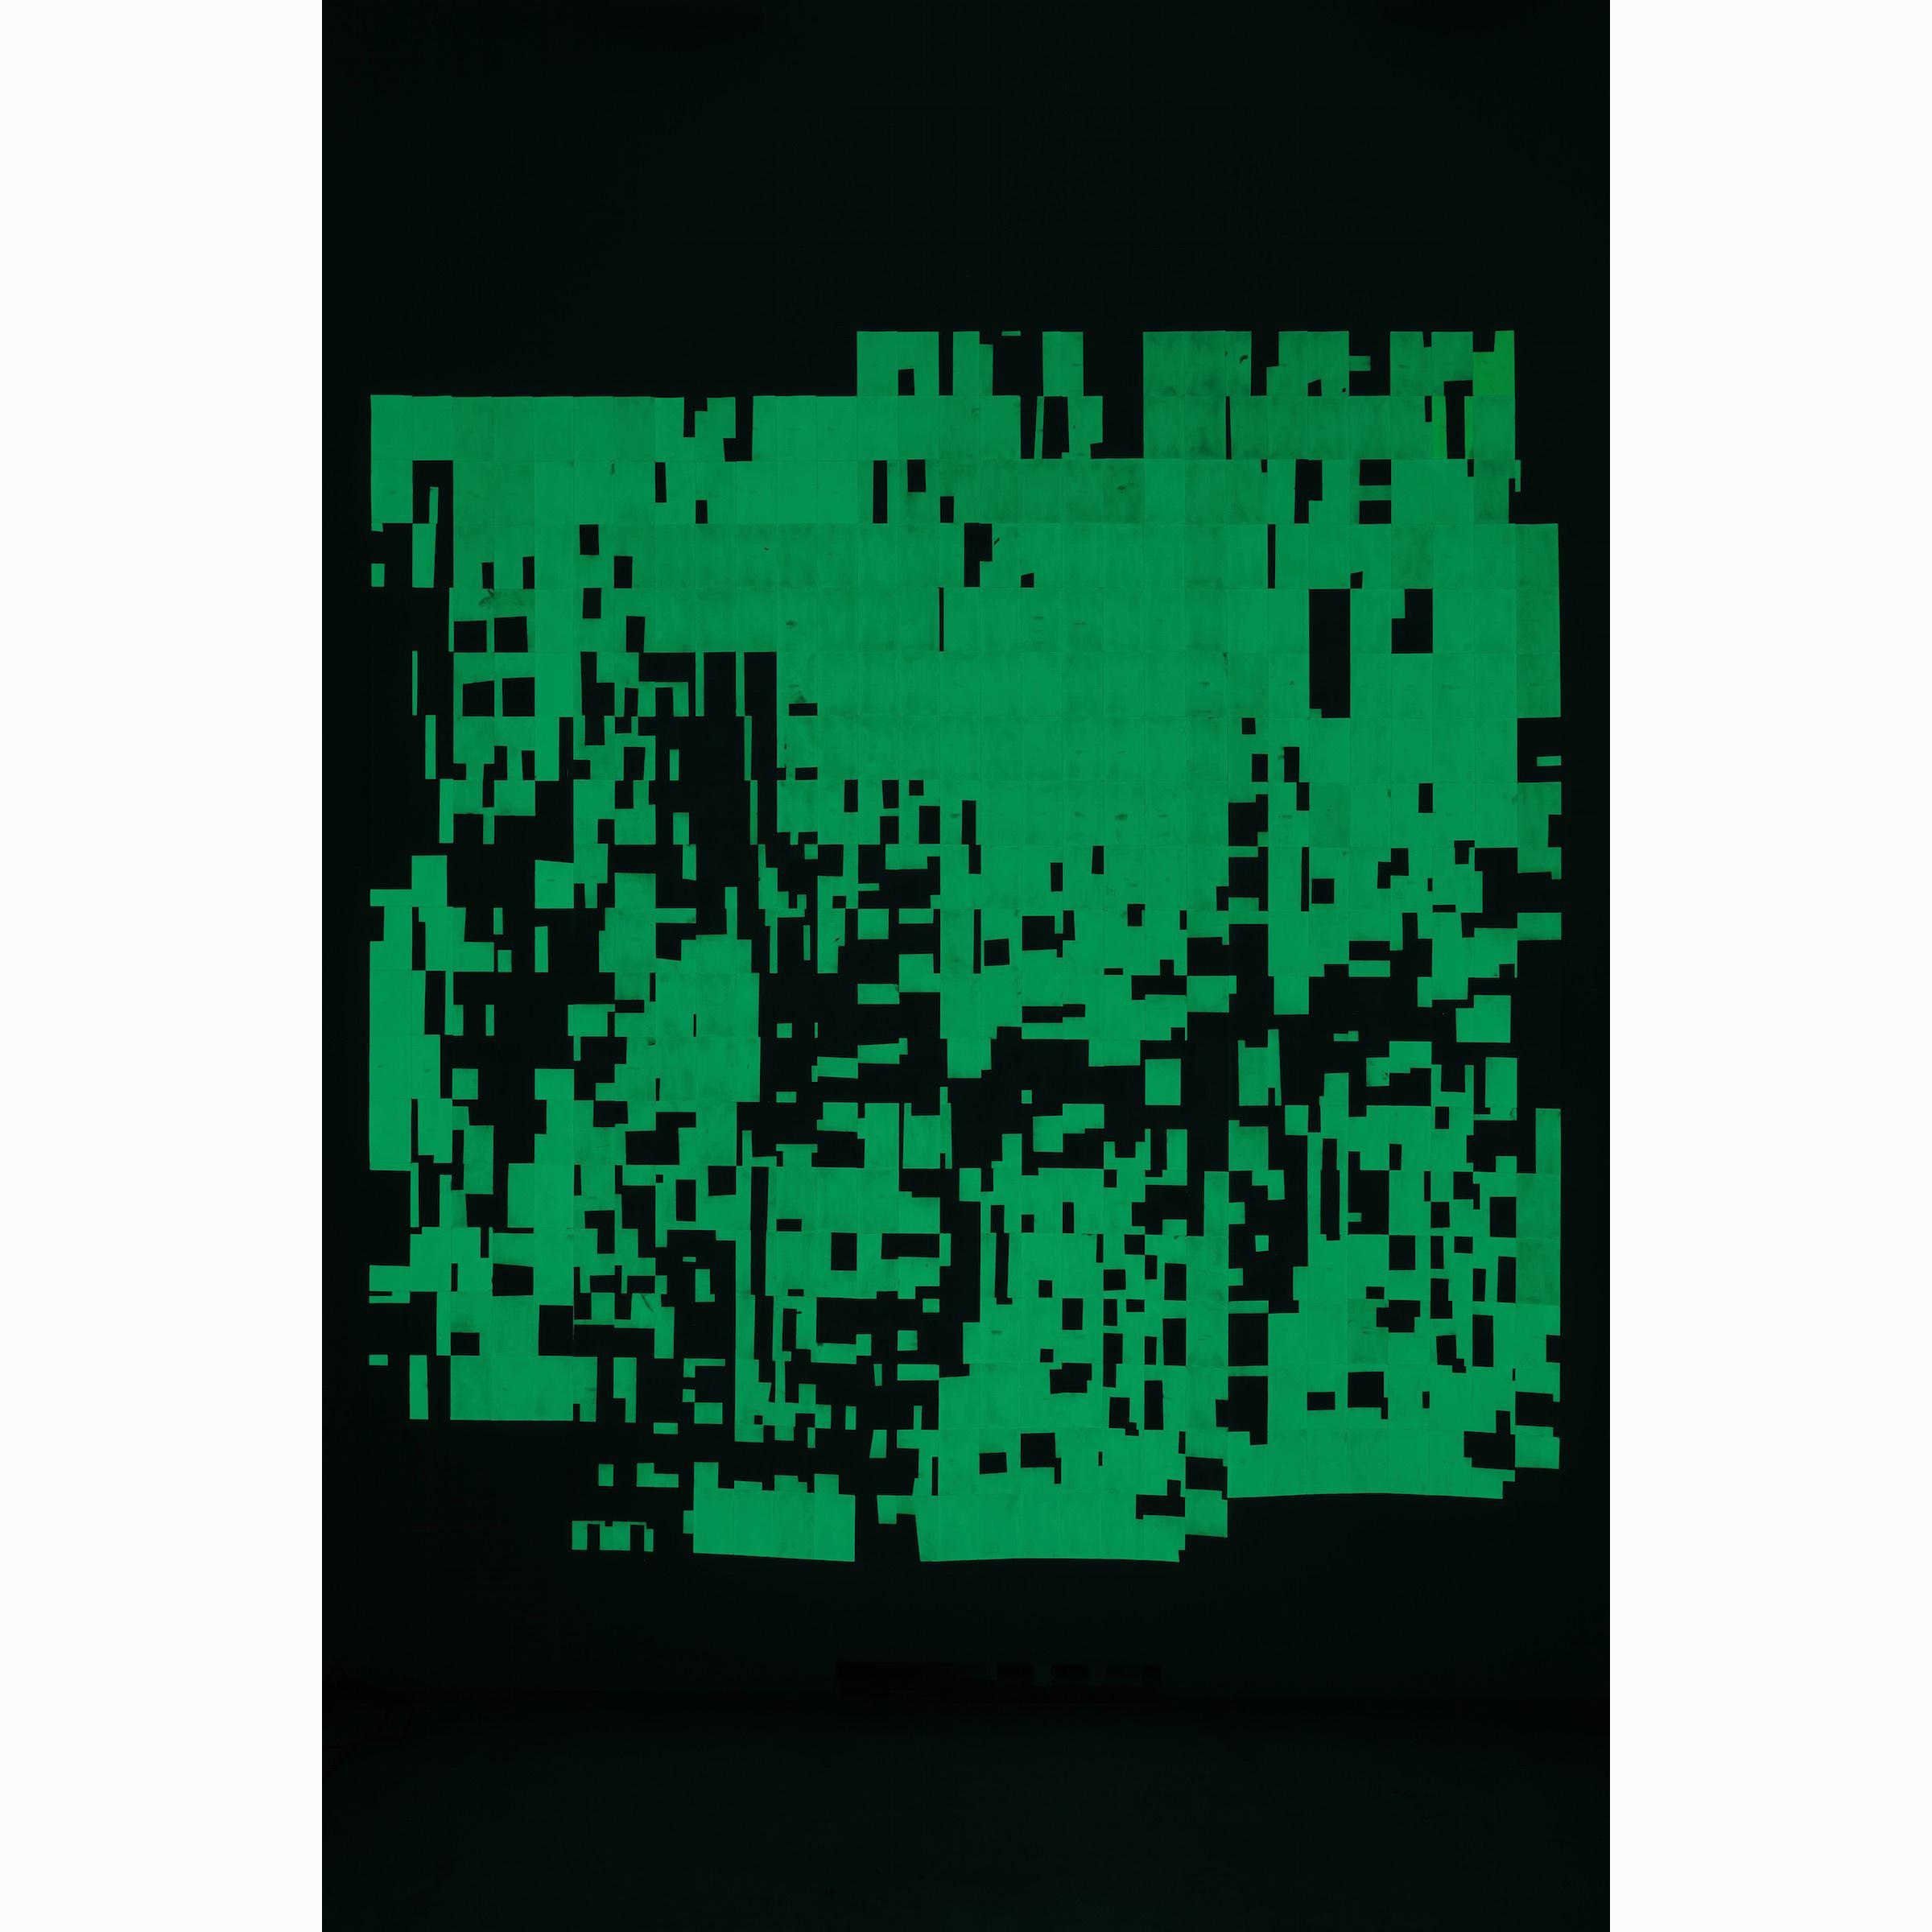 Agnes Lux, Hiver étéliés #1 ,2016,phosphorescent paint on postcards,104.72 x 101.4 in (dark view)